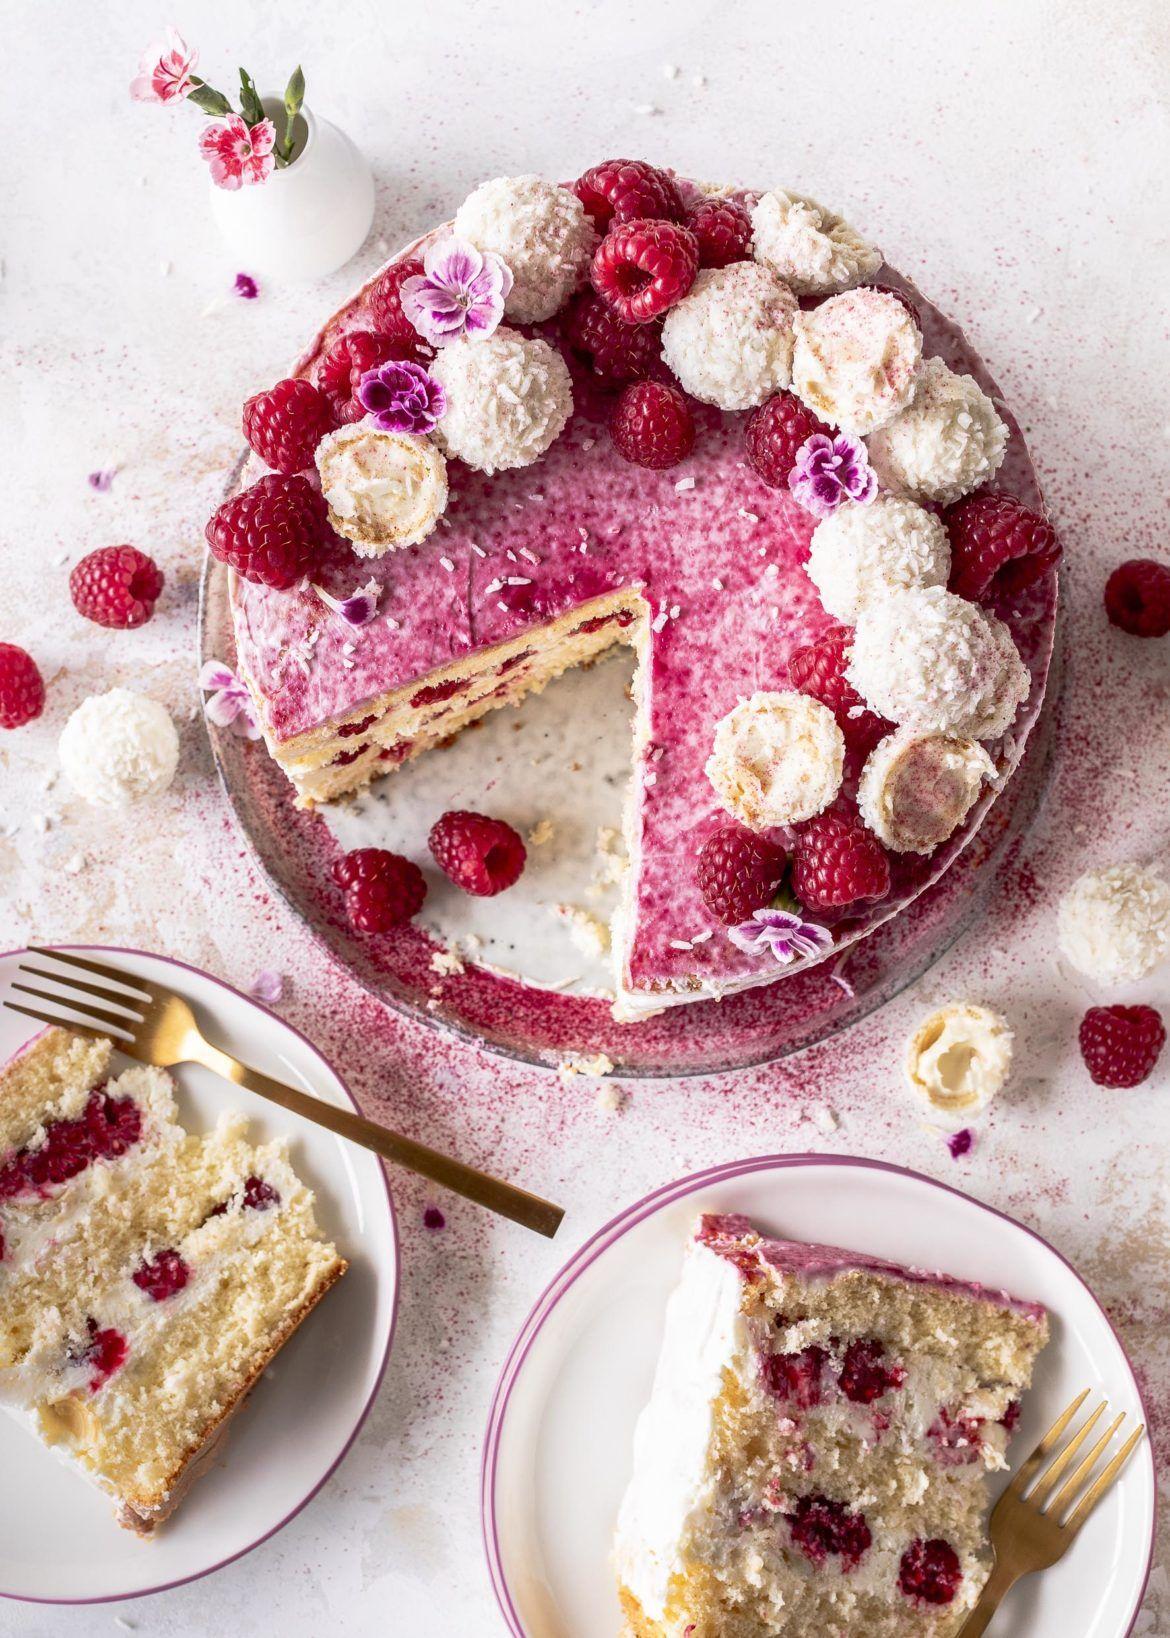 Himbeer Raffaello Torte Ohne Gelatine Emma S Lieblingsstucke Rezept In 2020 Raffaello Torte Lebensmittel Essen Abschlusstorte